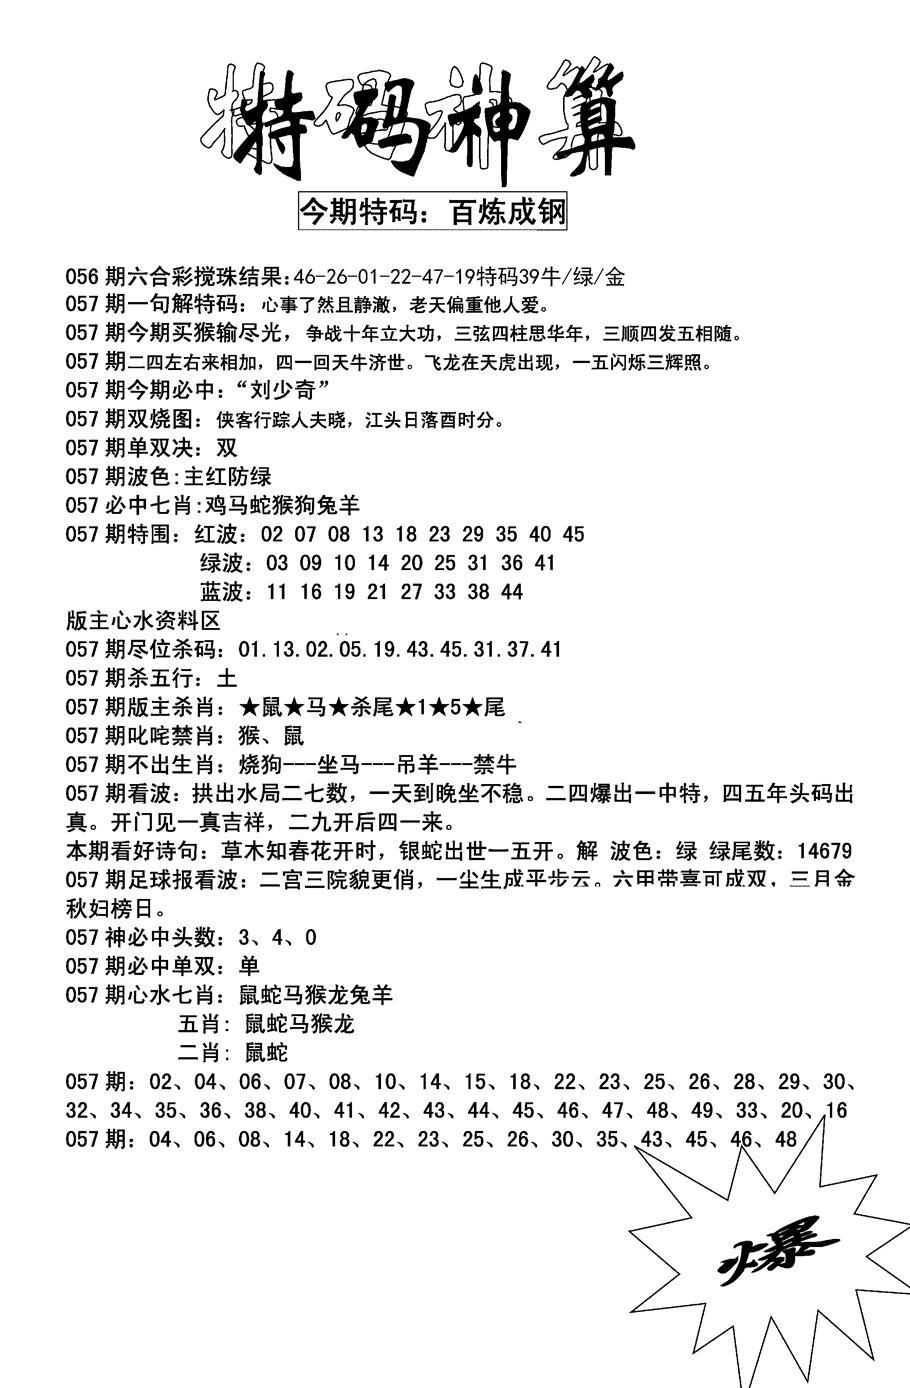 057期特码神算(黑白)